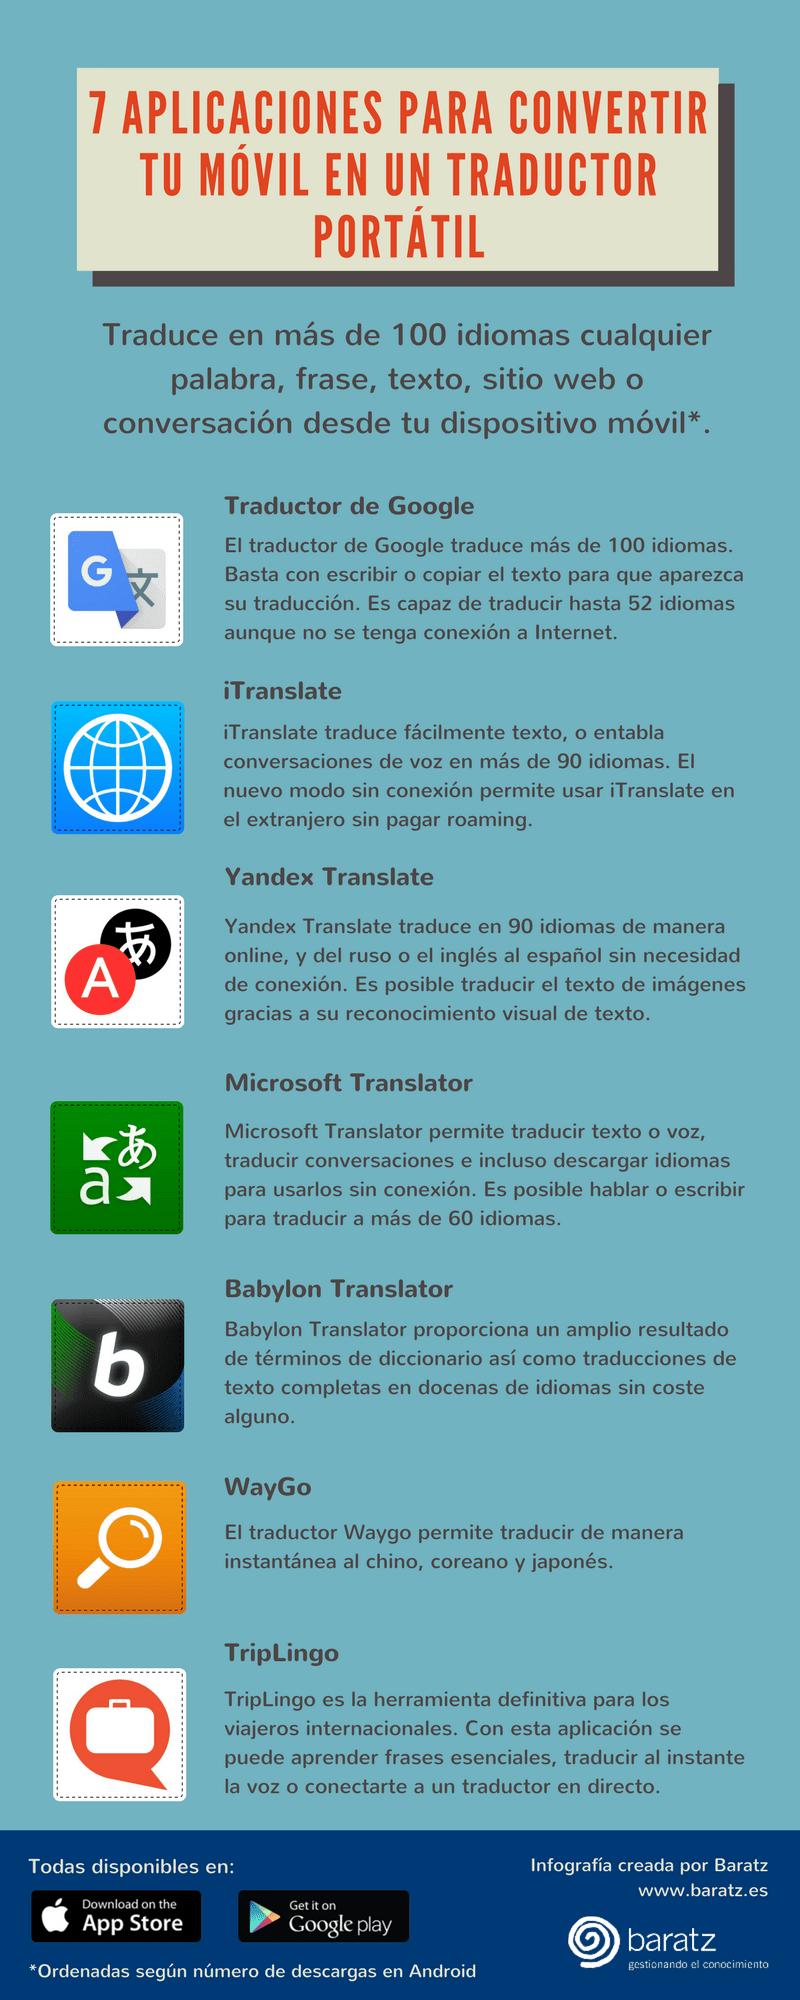 7 aplicaciones para convertir tu móvil en un traductor portátil